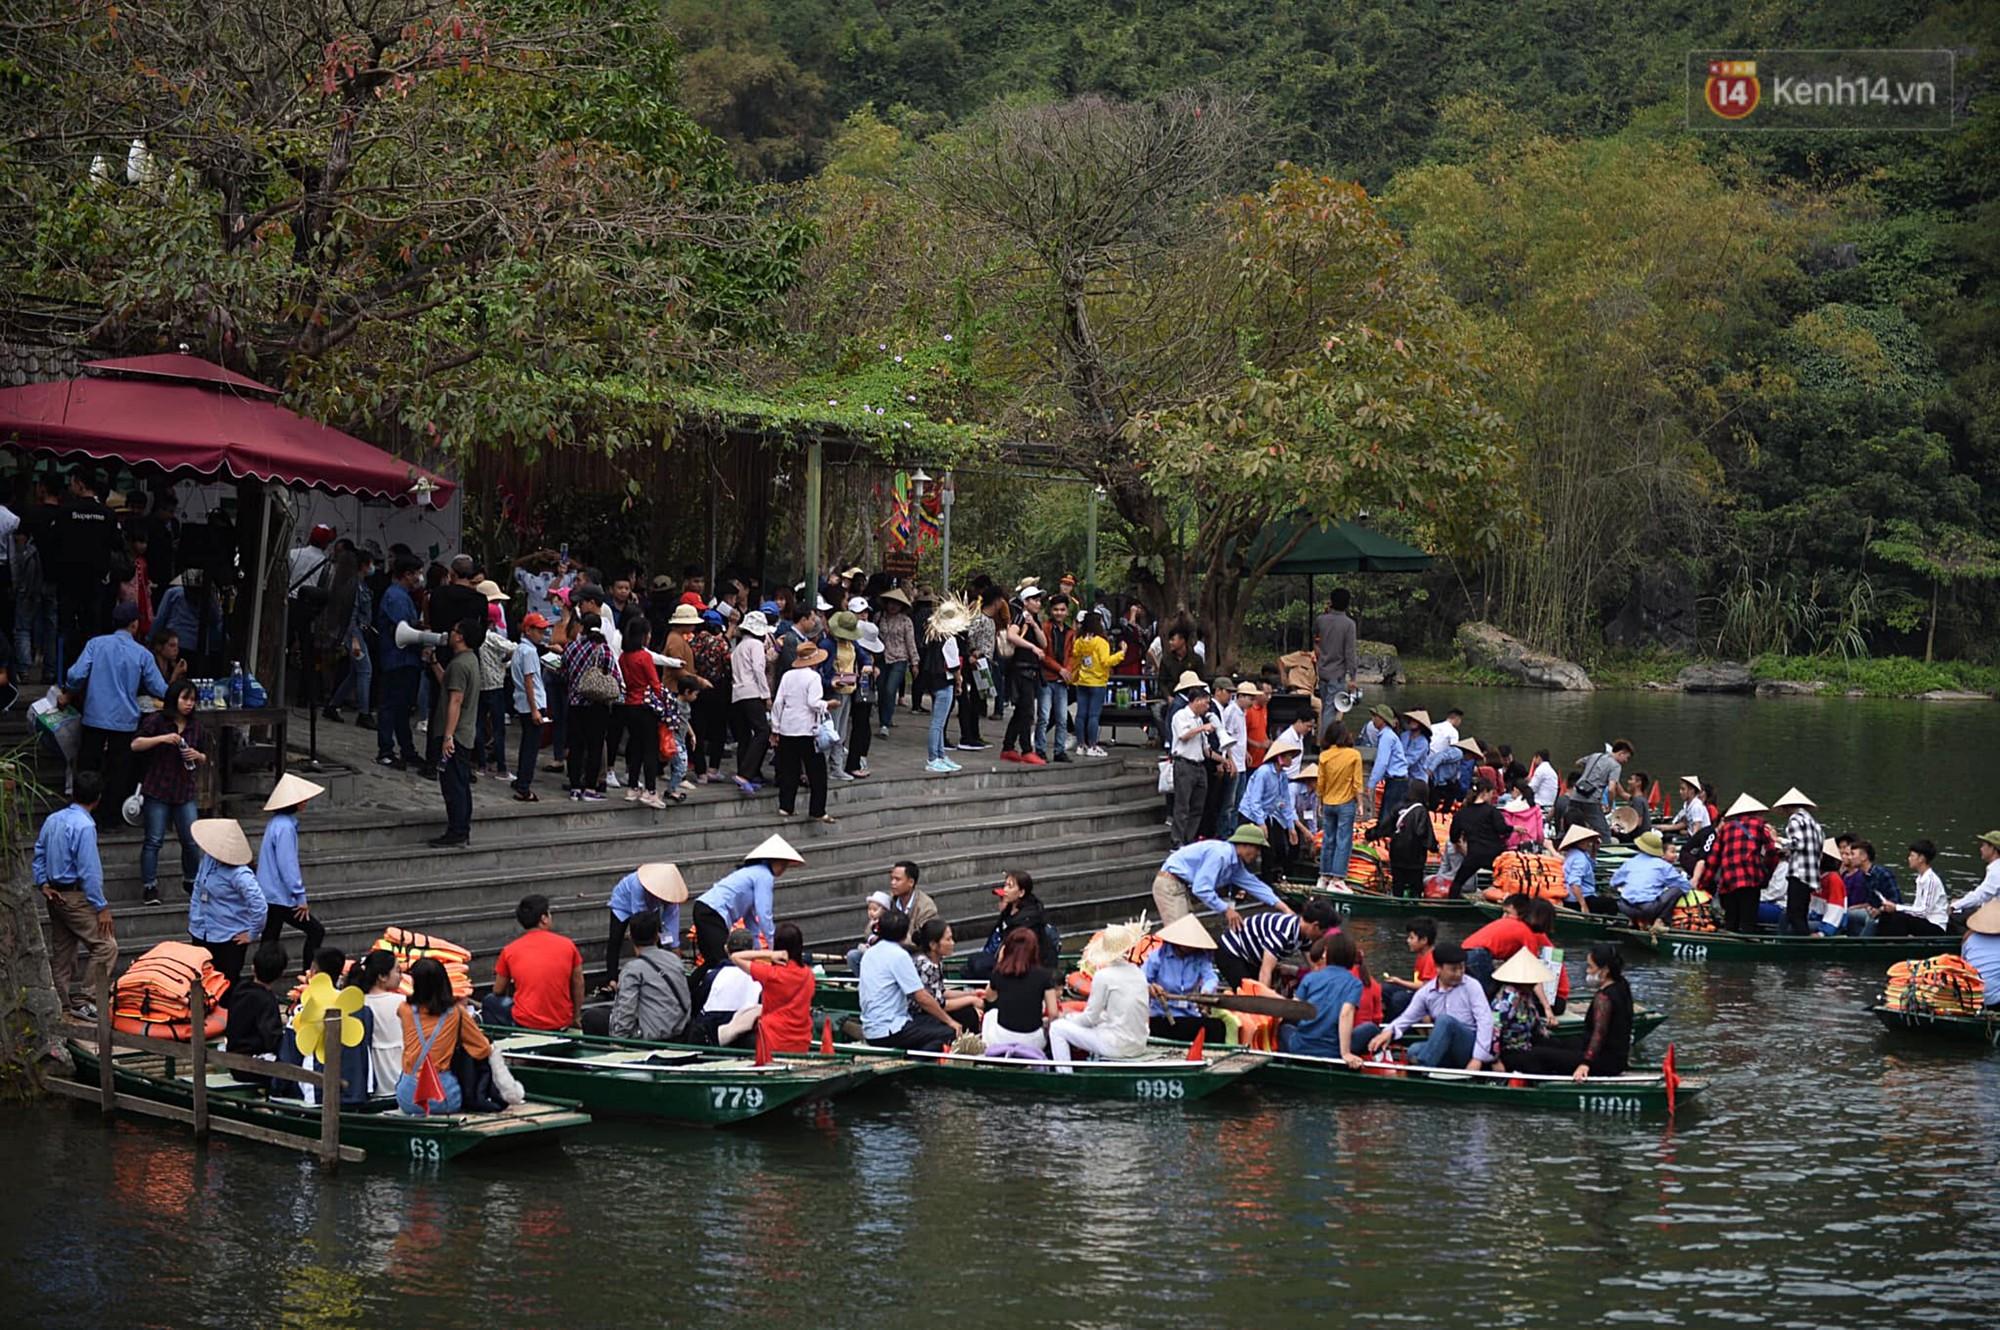 Hàng dài người xếp hàng lên thuyền đi thăm Tràng An - Ảnh 1.